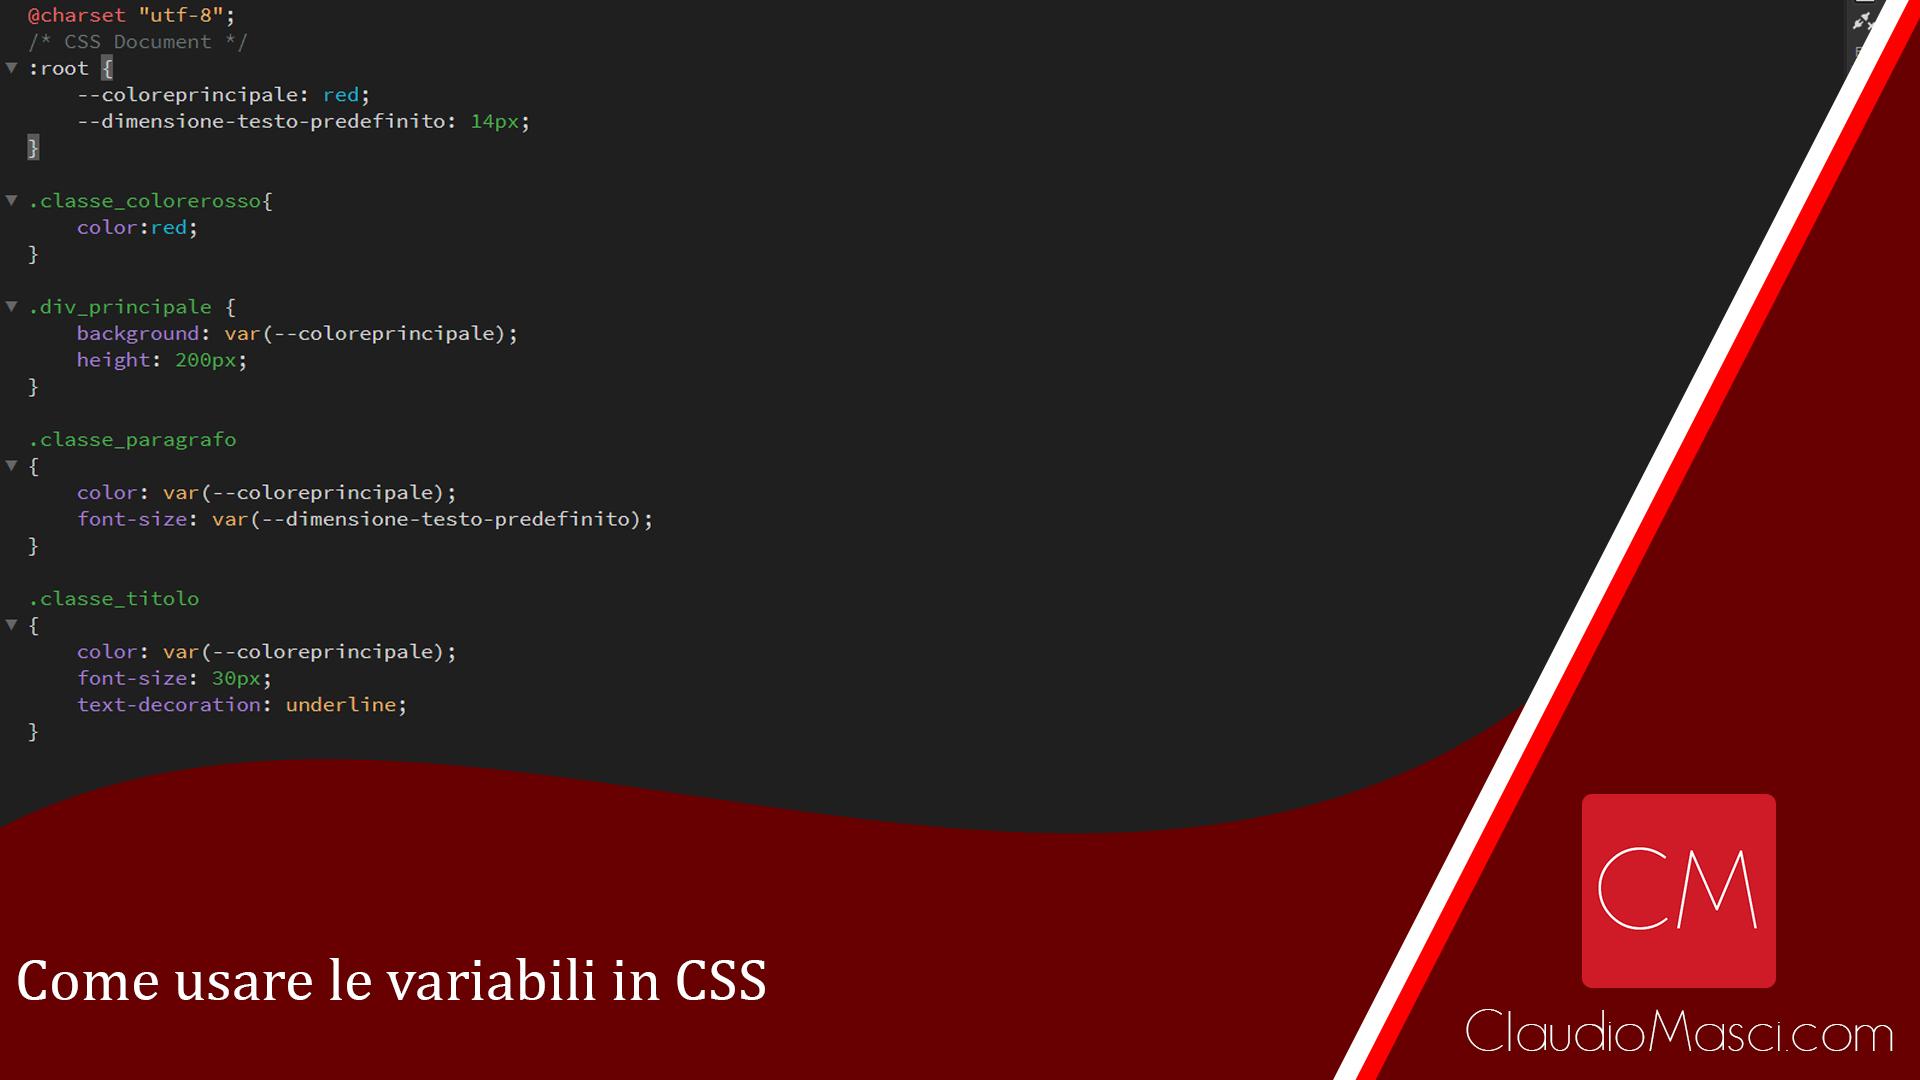 Come usare le variabili in CSS